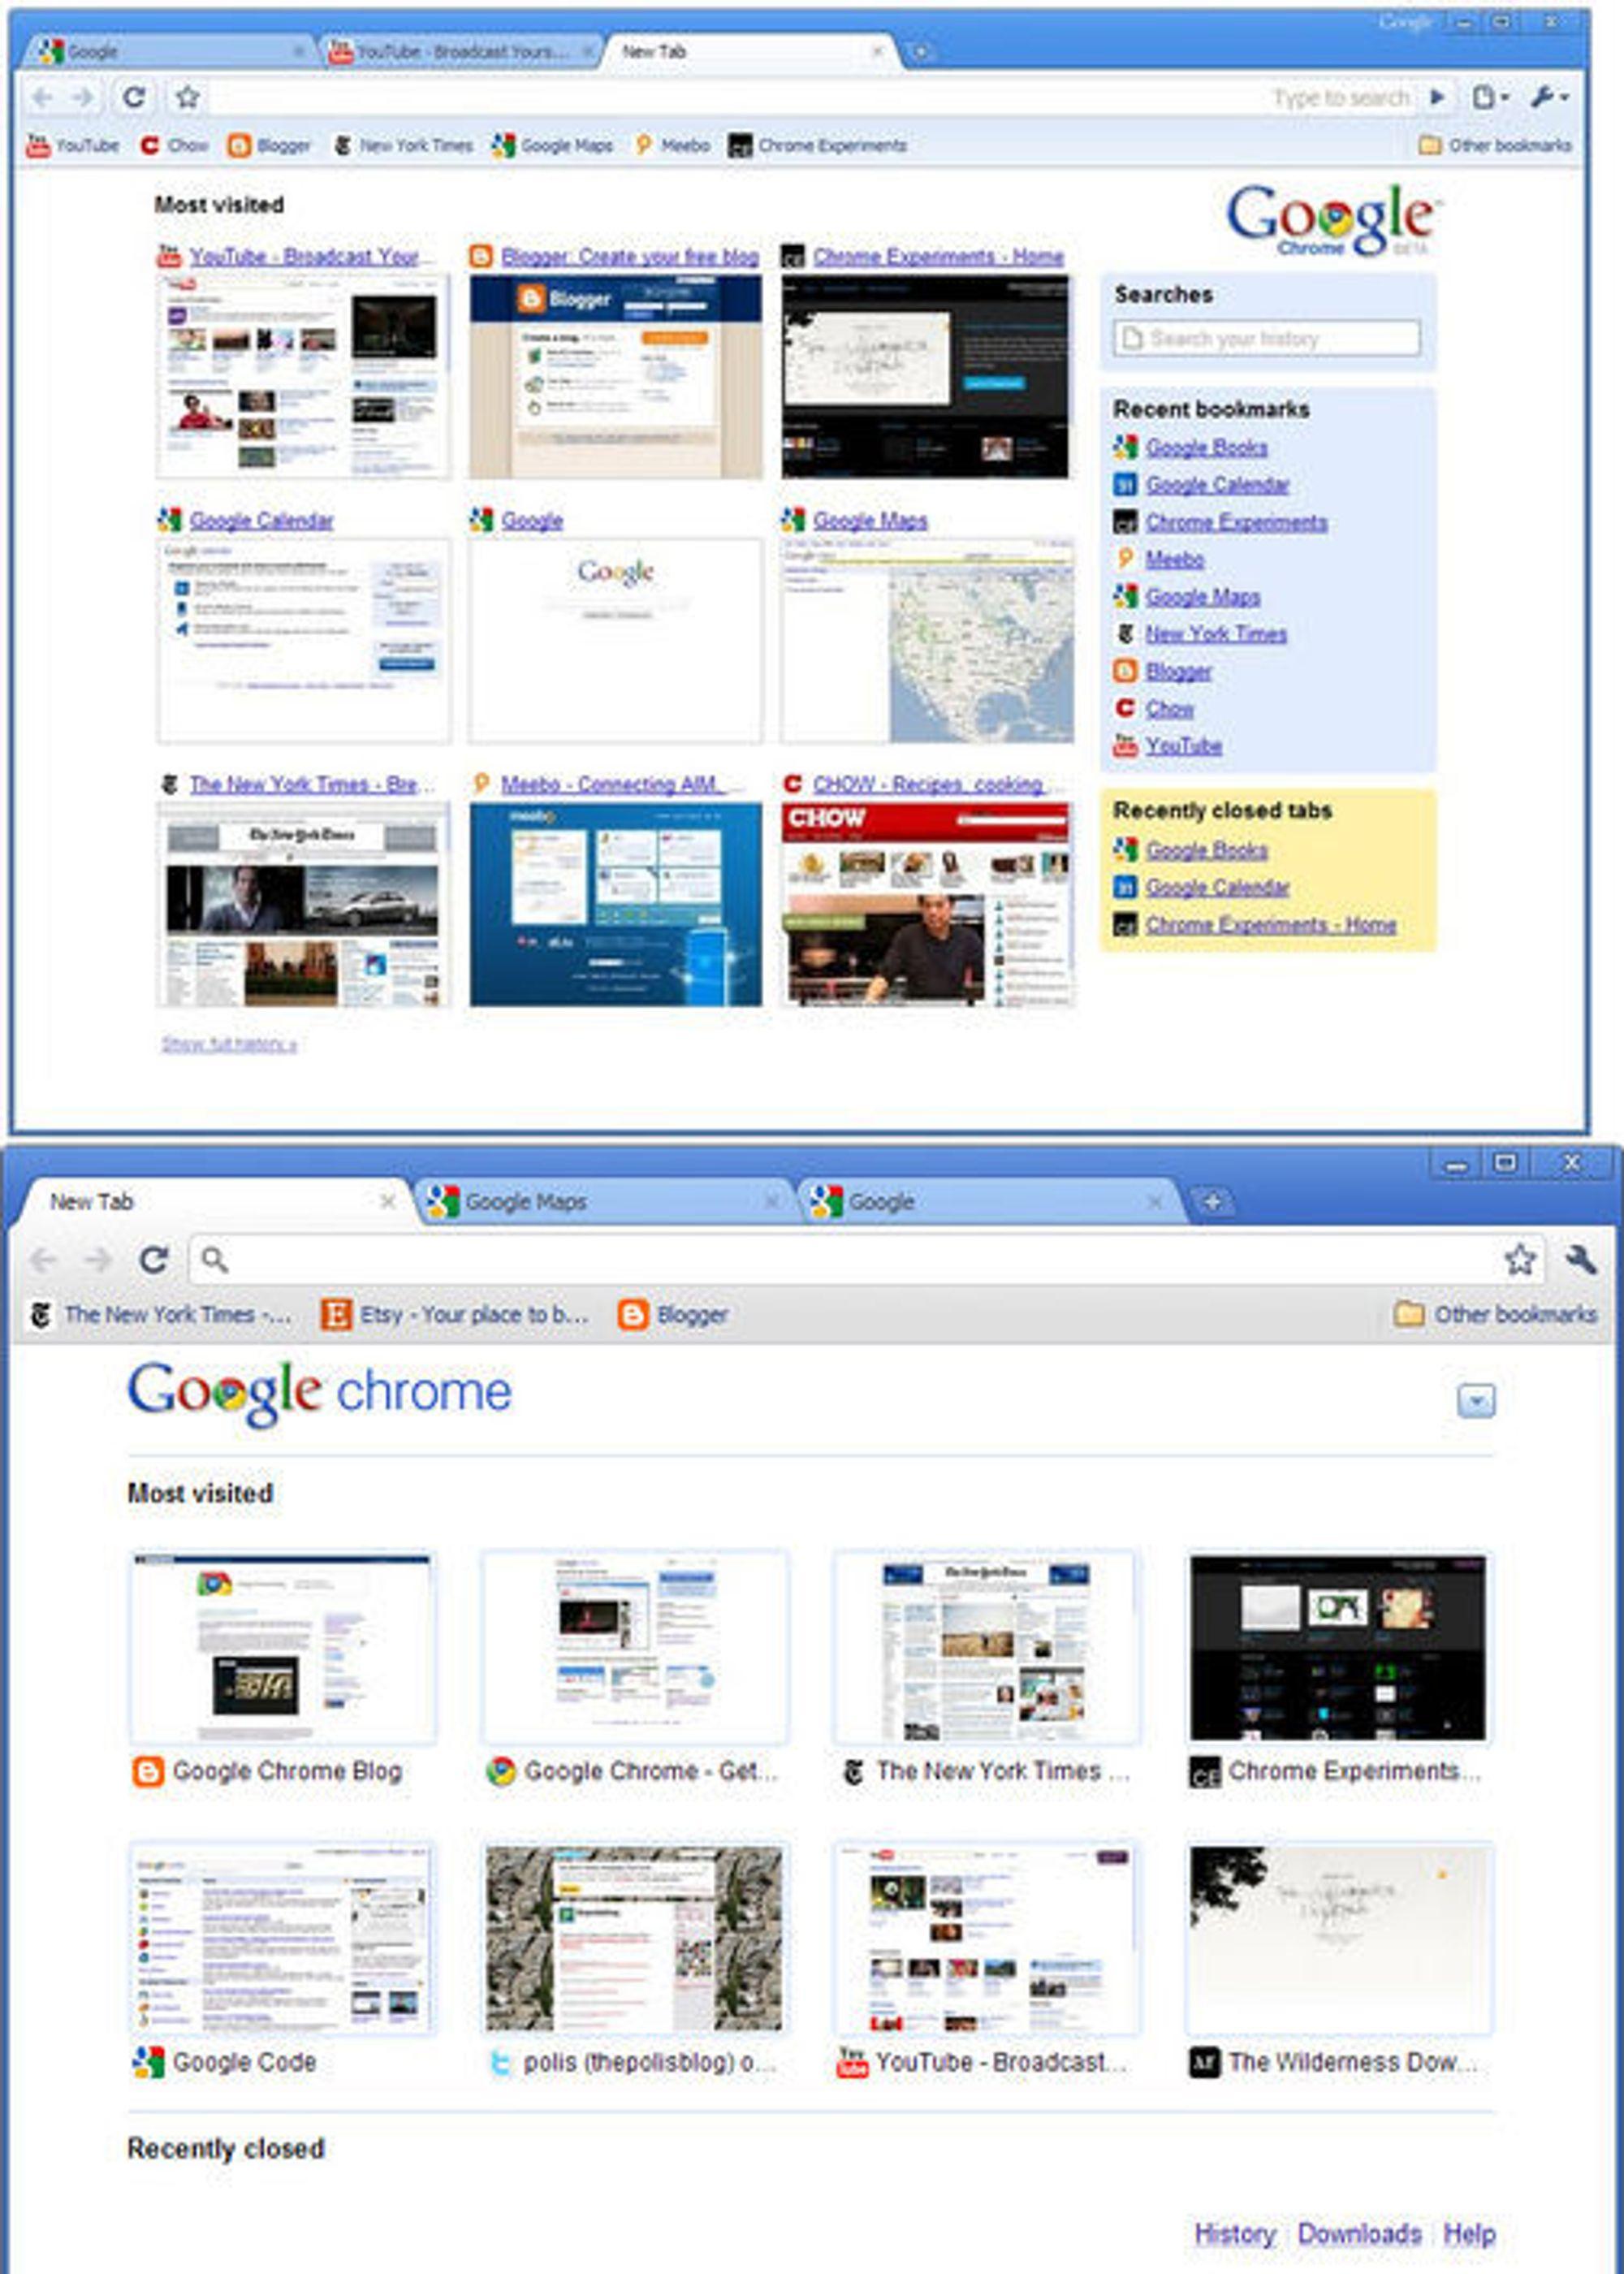 Google Chrome 1 beta (øverst) sammenlignet med Chrome 6 (nederst).